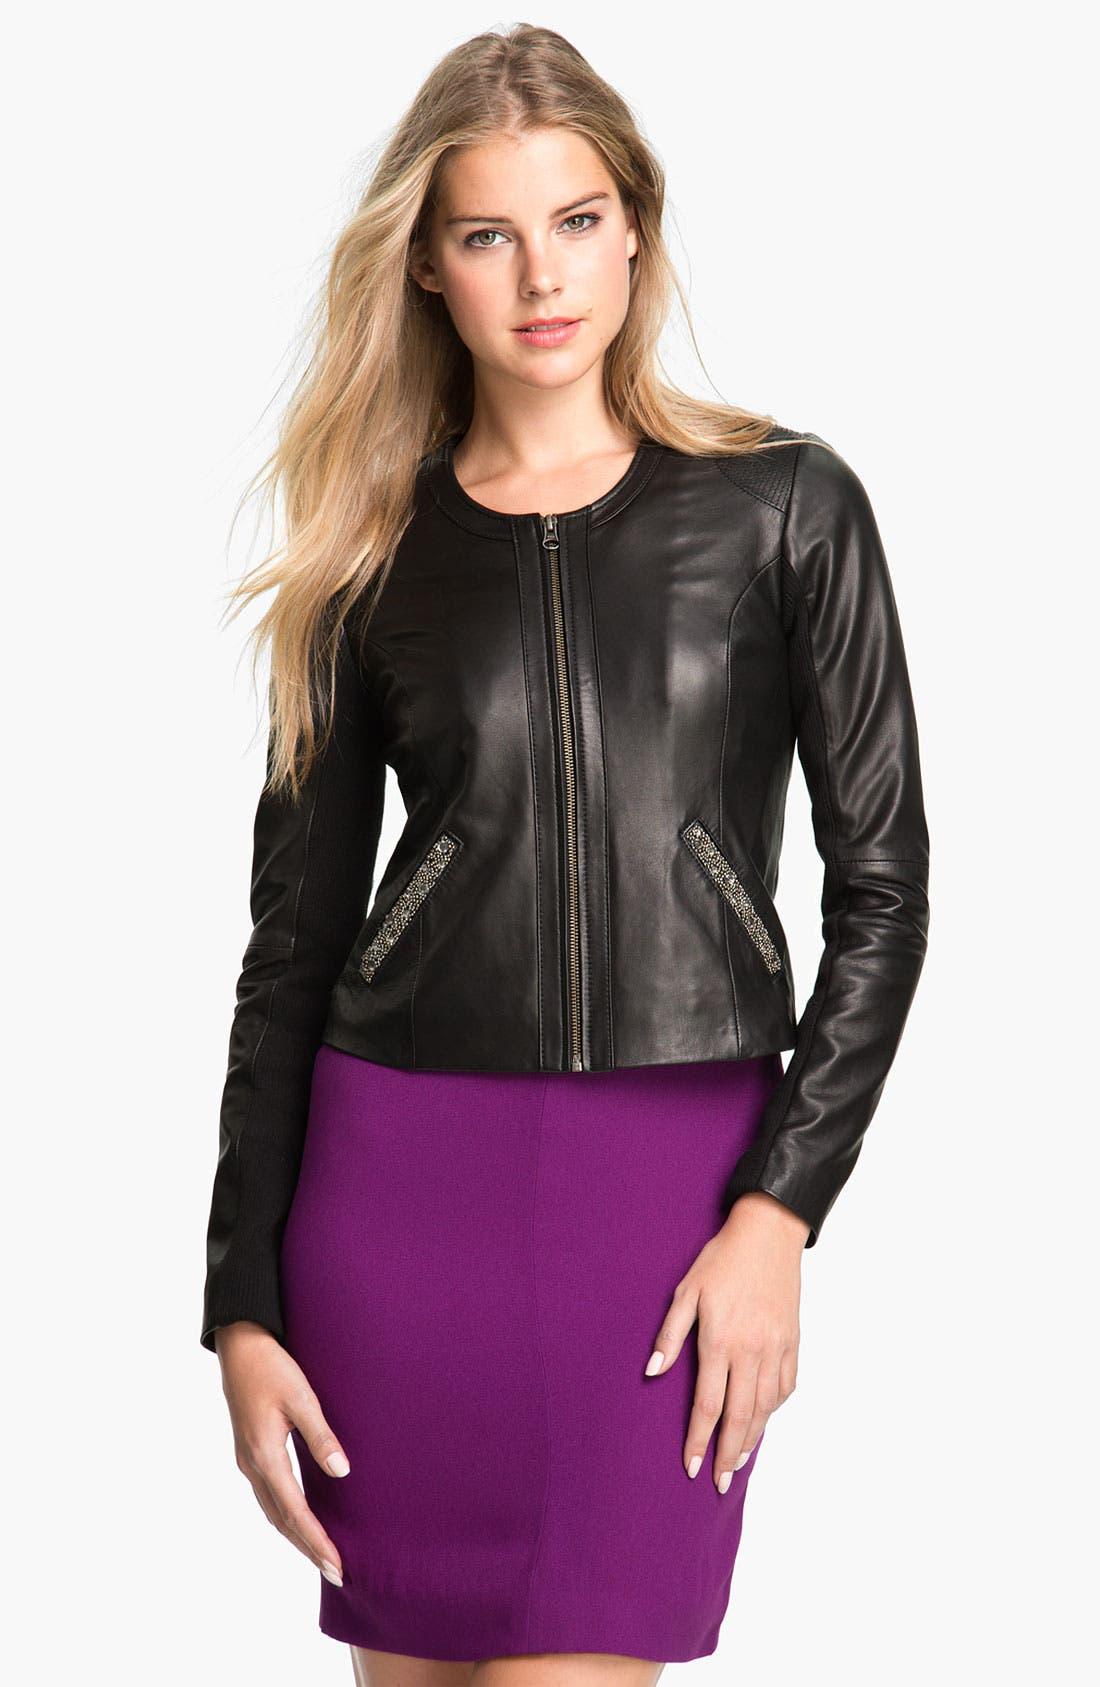 Main Image - Badgley Mischka 'Ellie' Beaded Leather Jacket